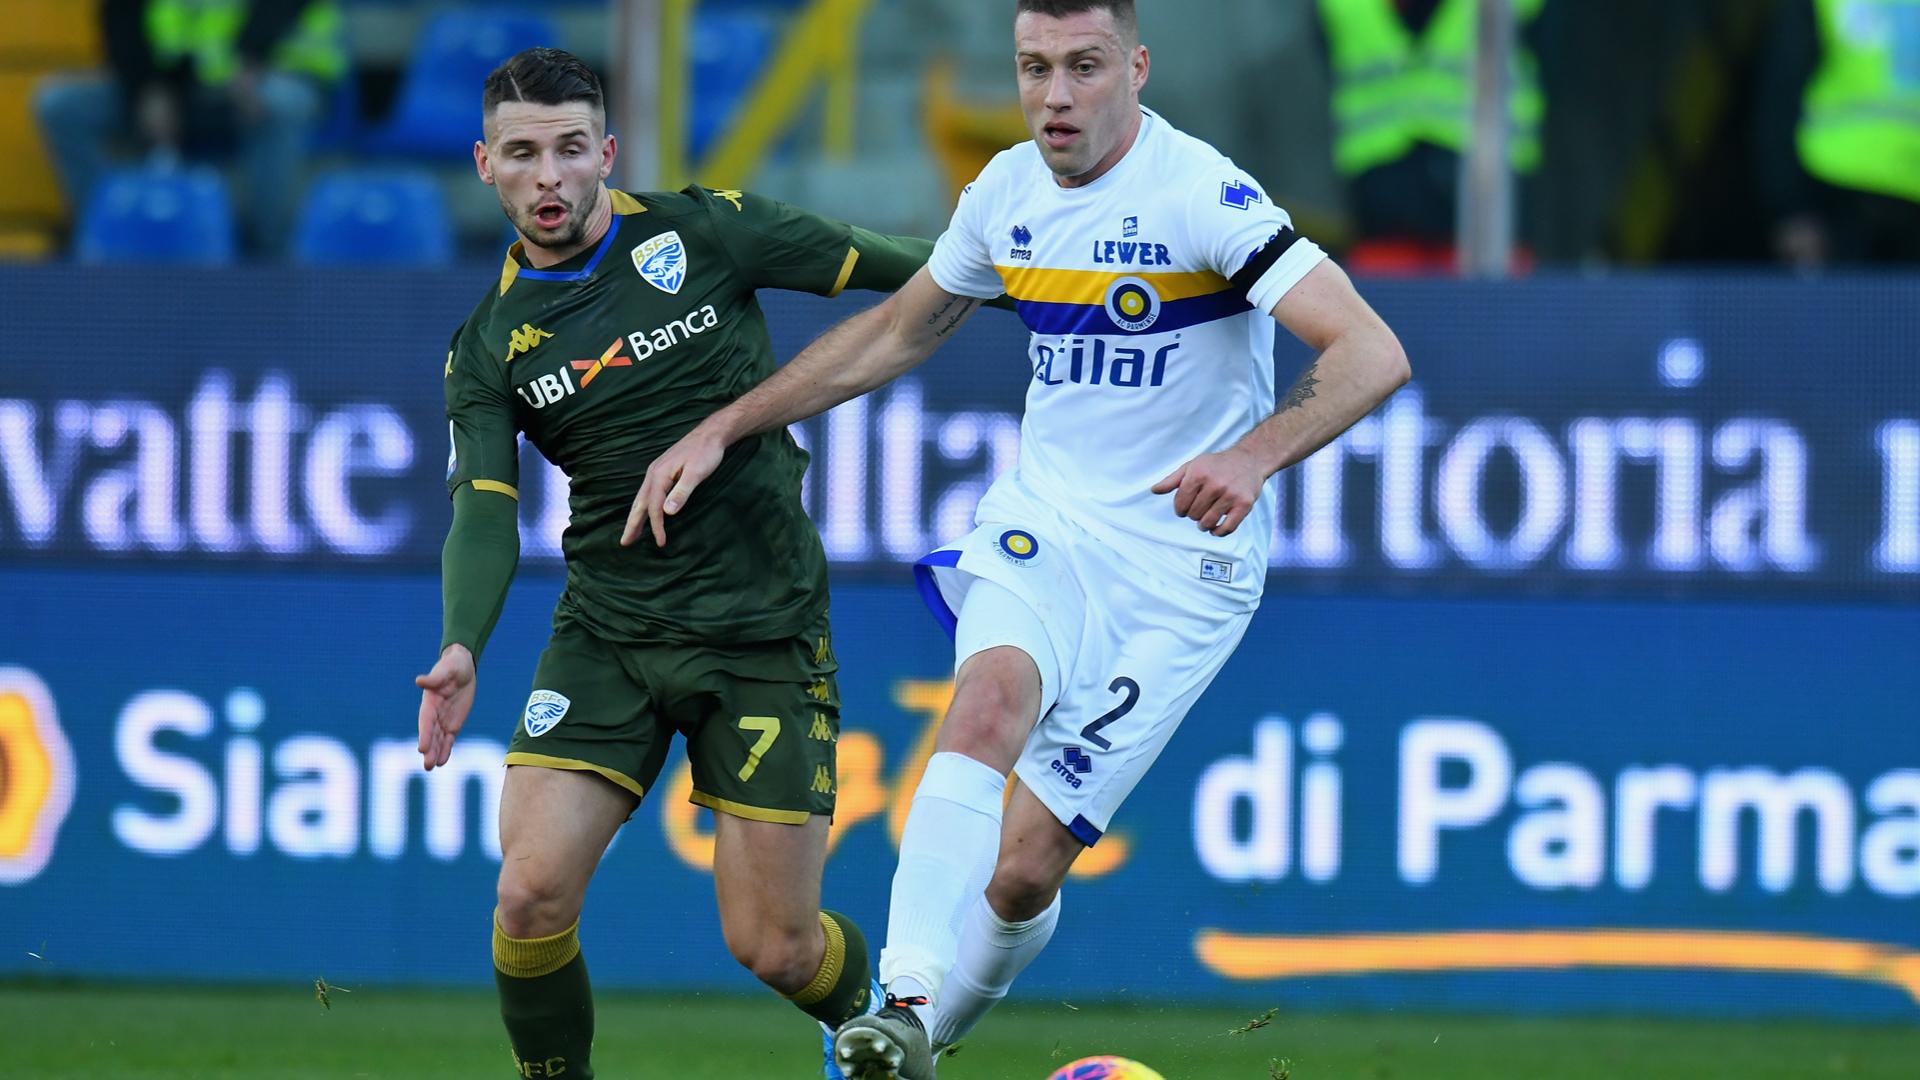 Serie A: Brescia-Parma 1-2